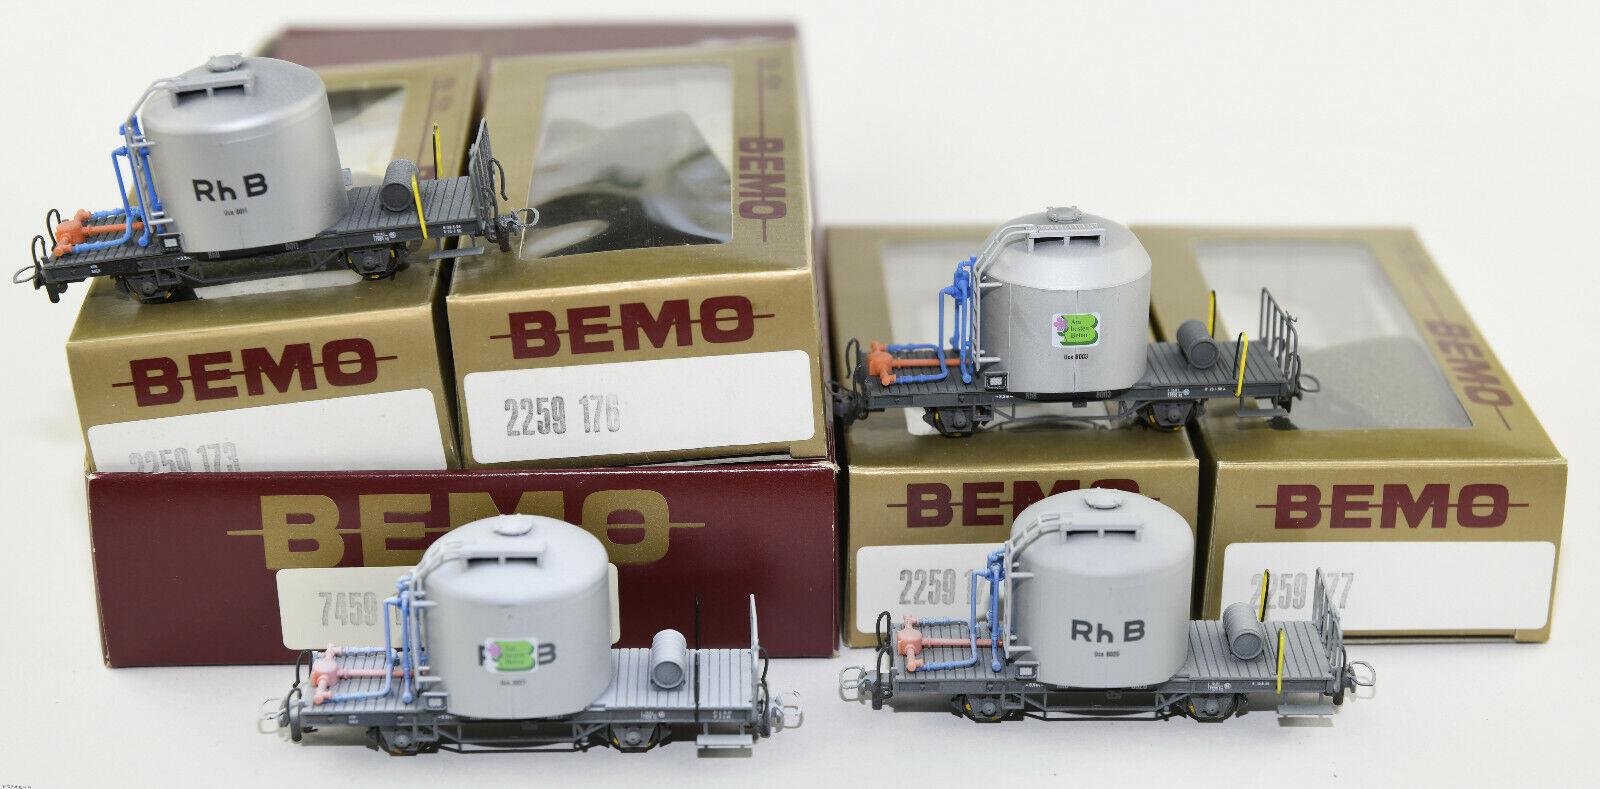 BEMO 7459 100 4er Set RHB UCE brilleo teste